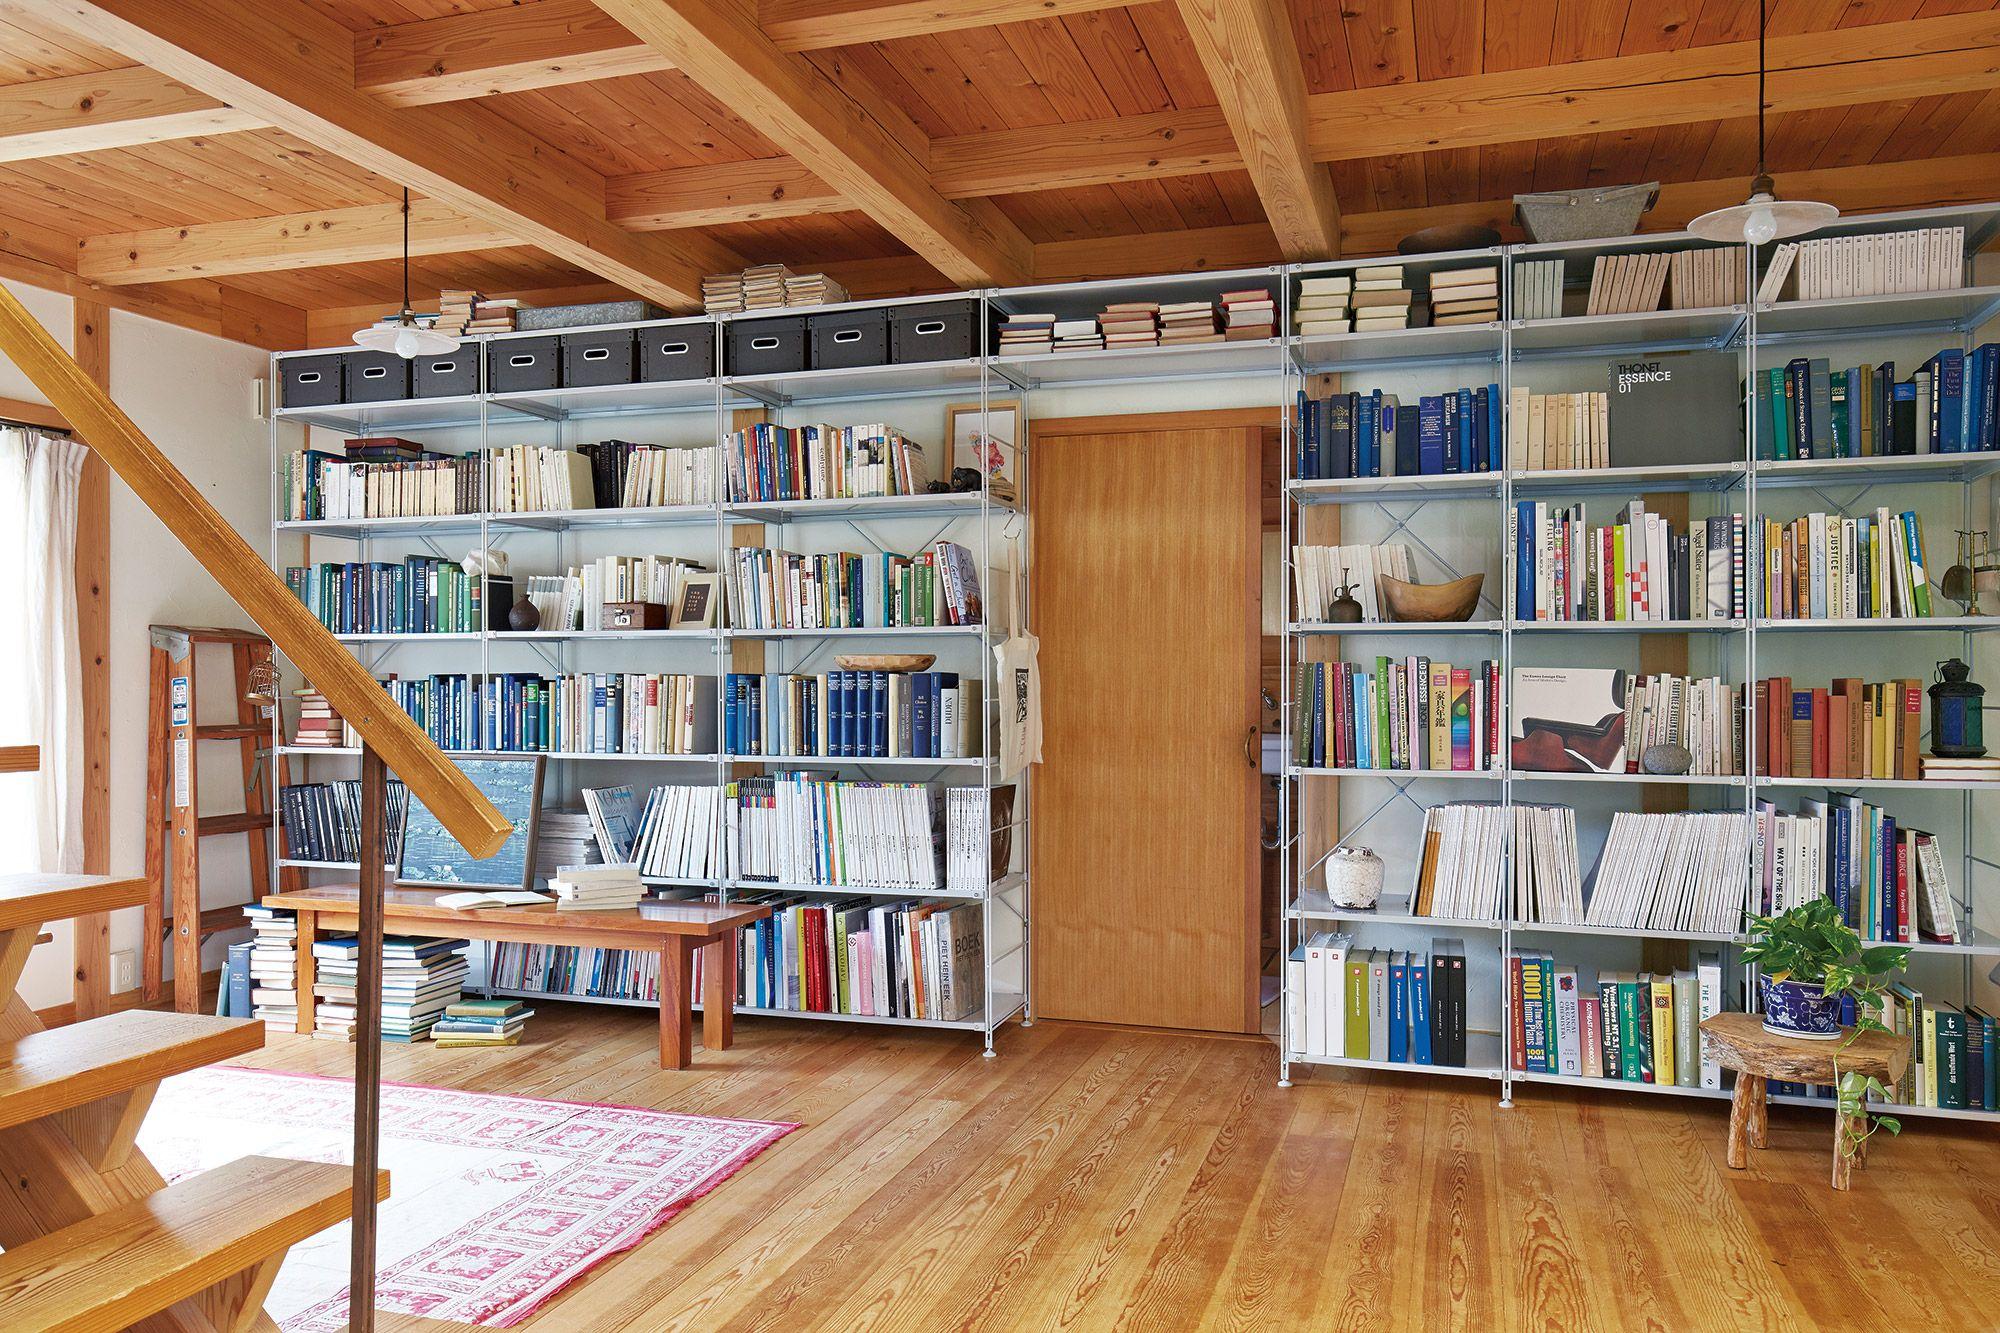 家の形に合わせる収納 ドアのデザイン 無印良品の家 無印良品 本棚